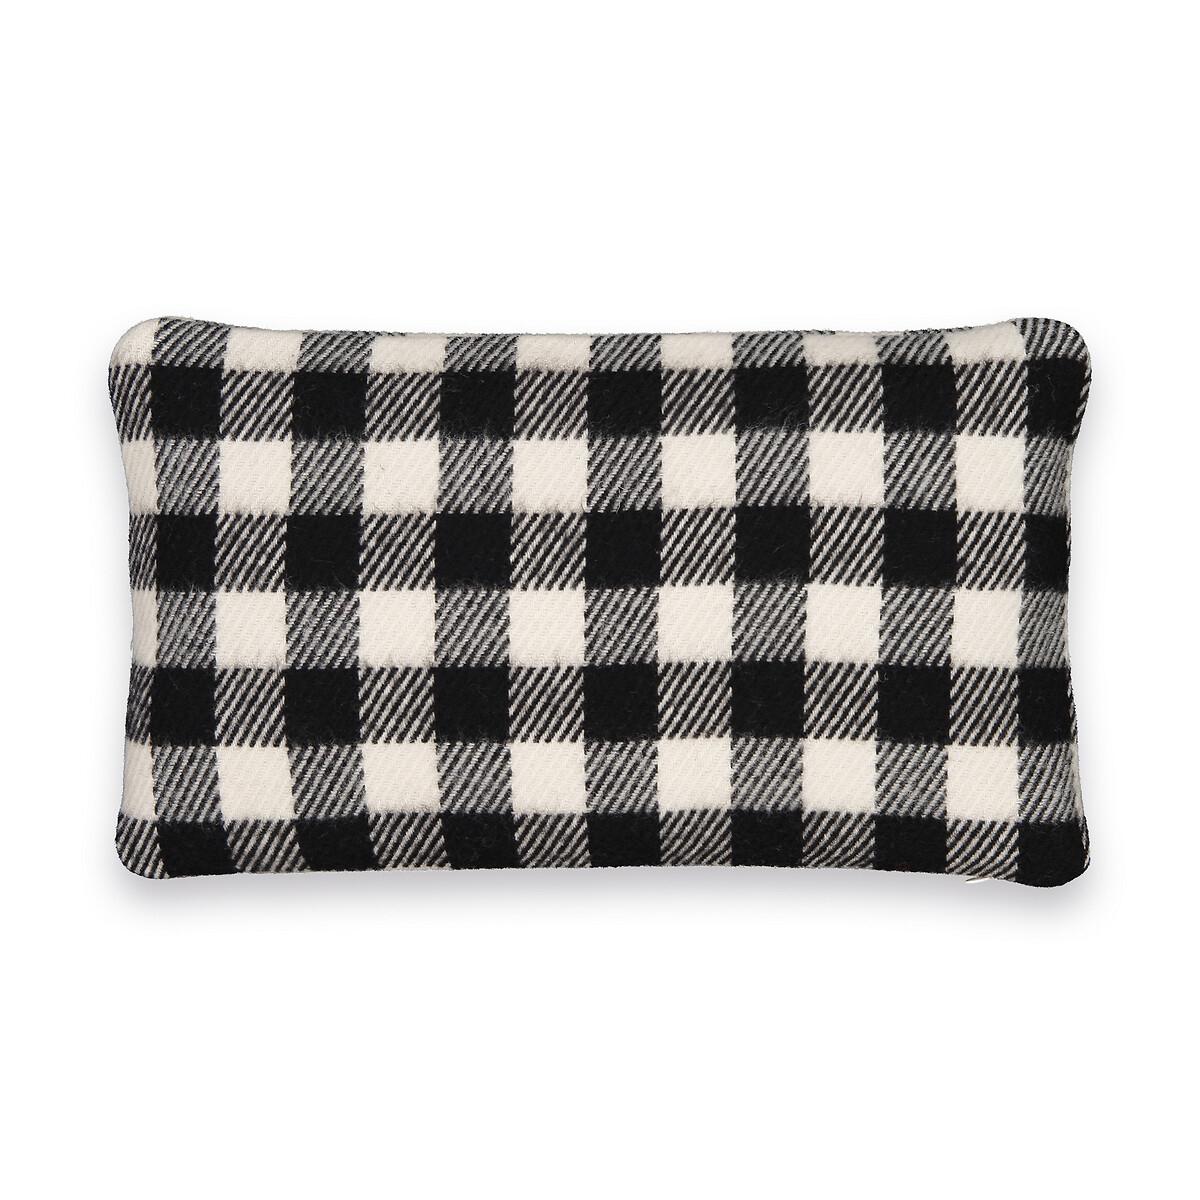 Чехол LaRedoute На подушку из шерсти Alpy 50 x 30 см черный